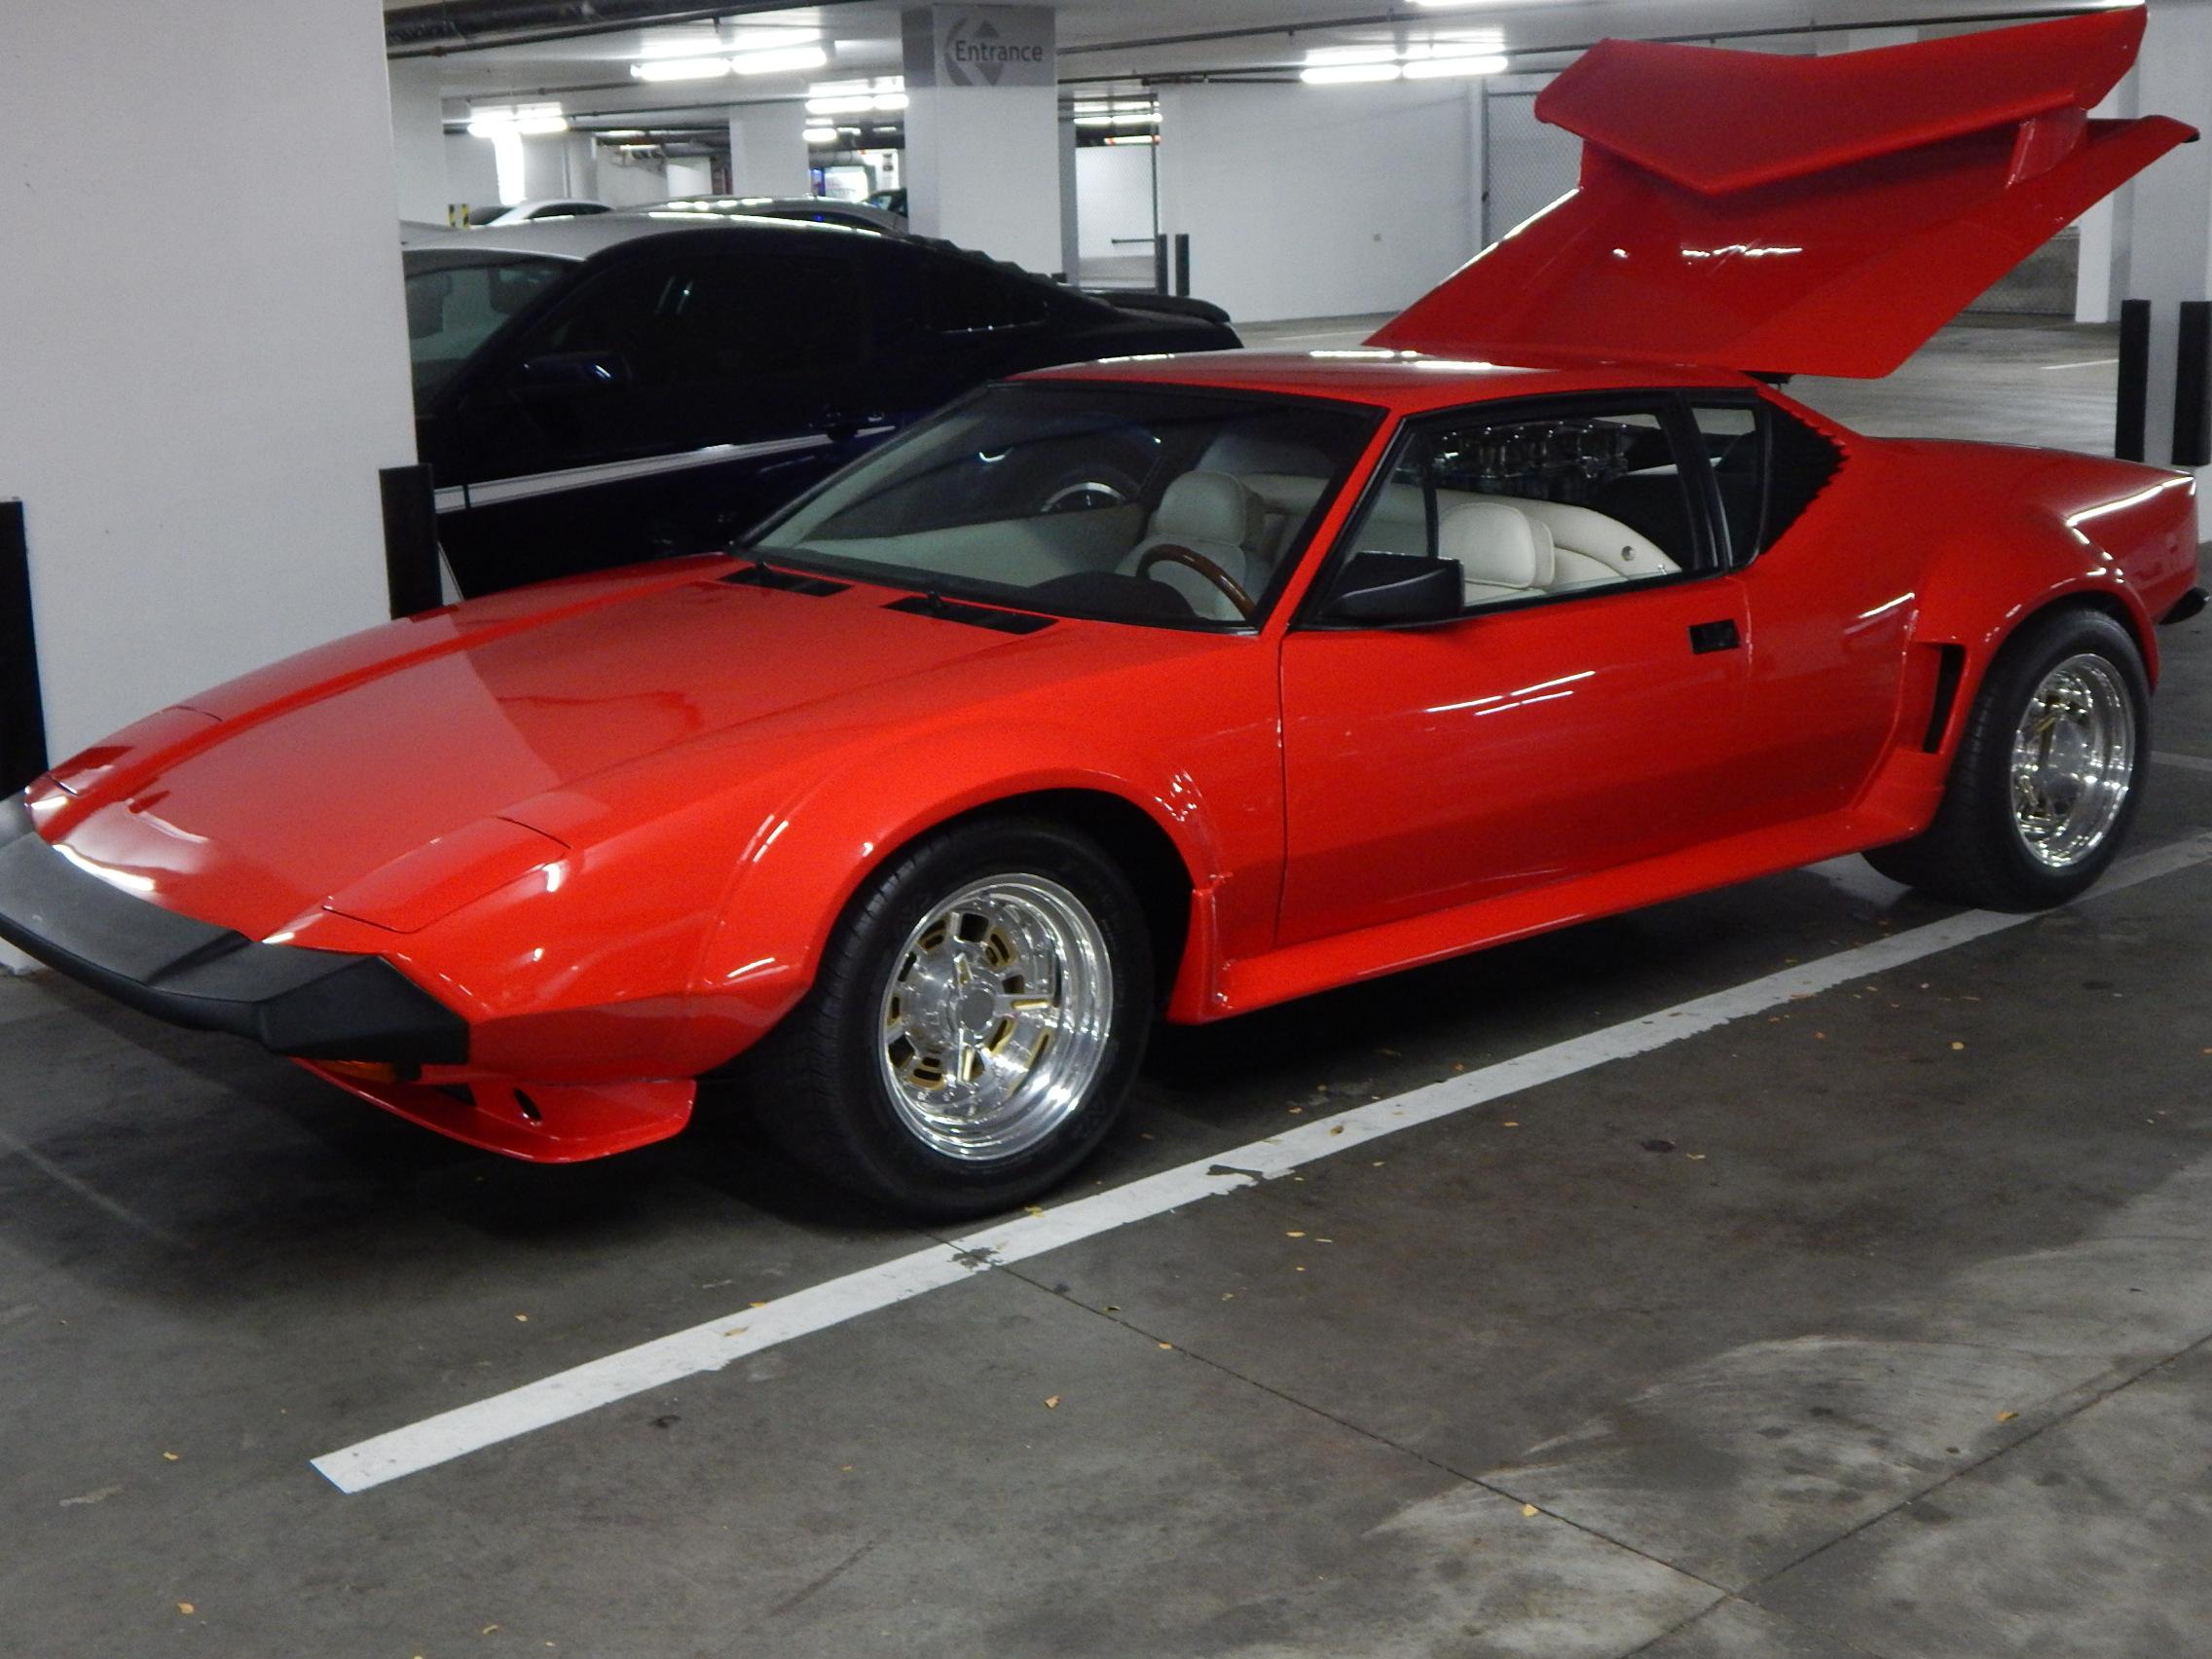 Red Ferrari_02.JPG